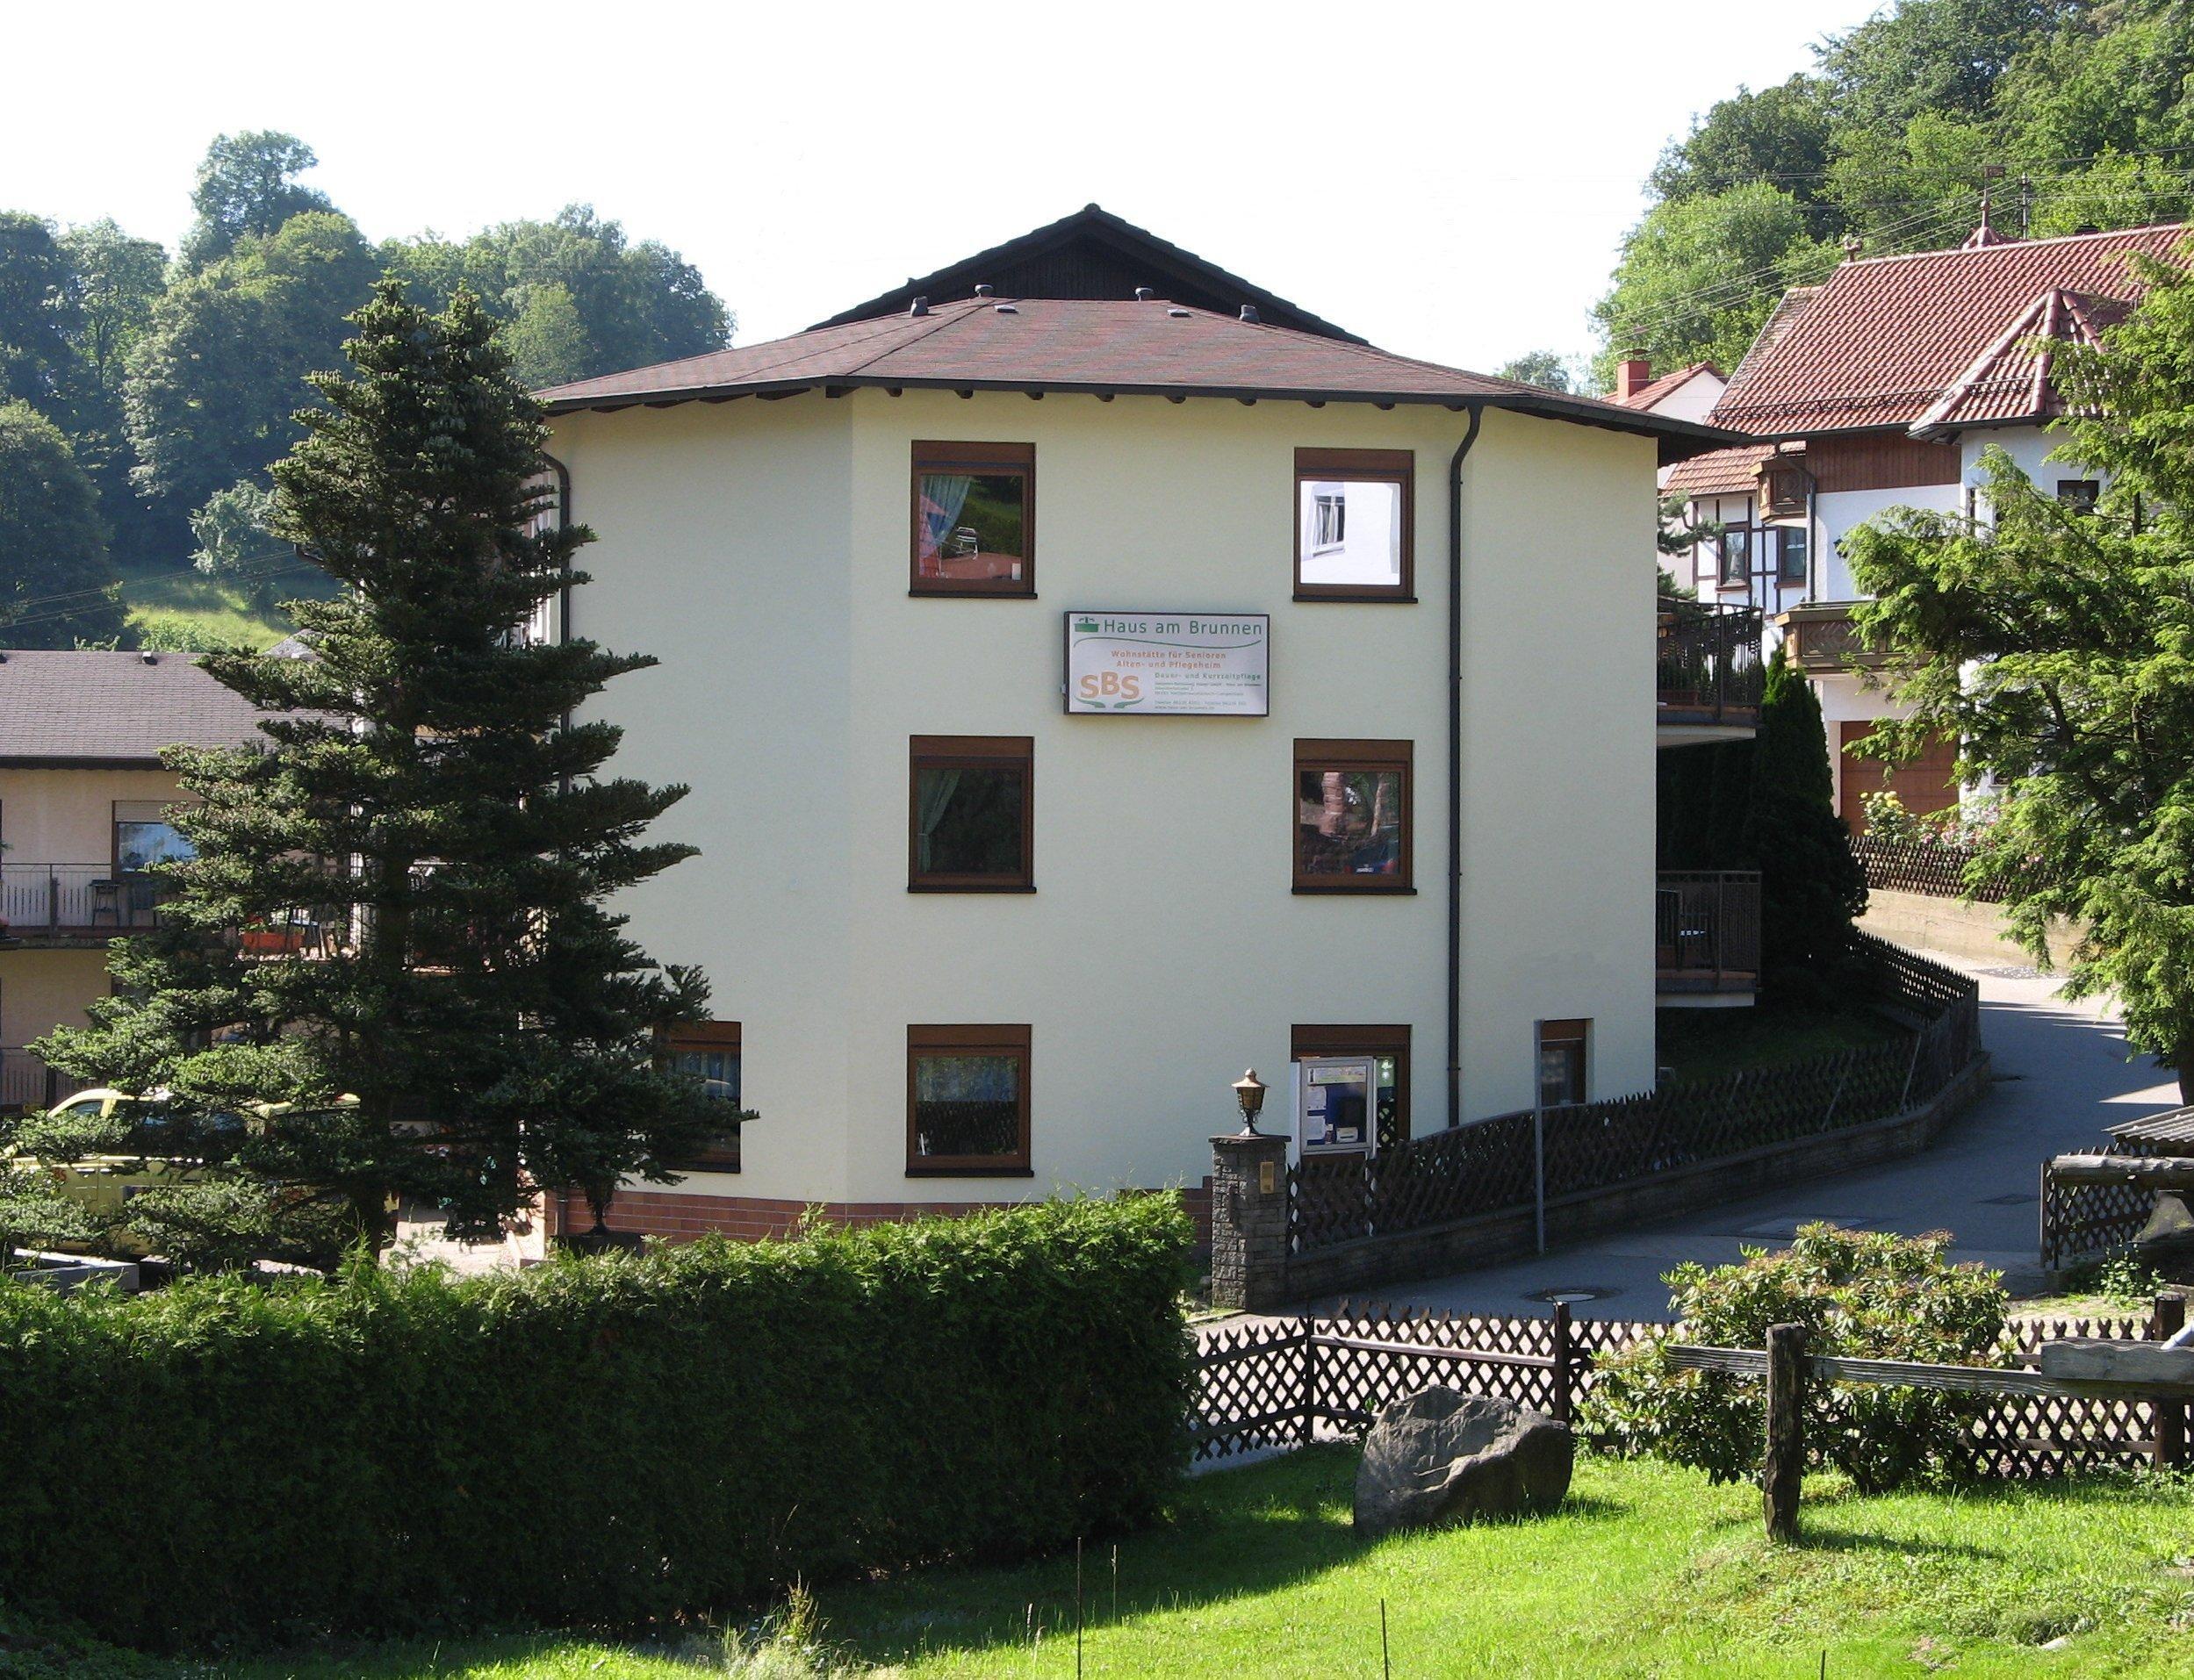 Haus am Brunnen Steigleder OHG